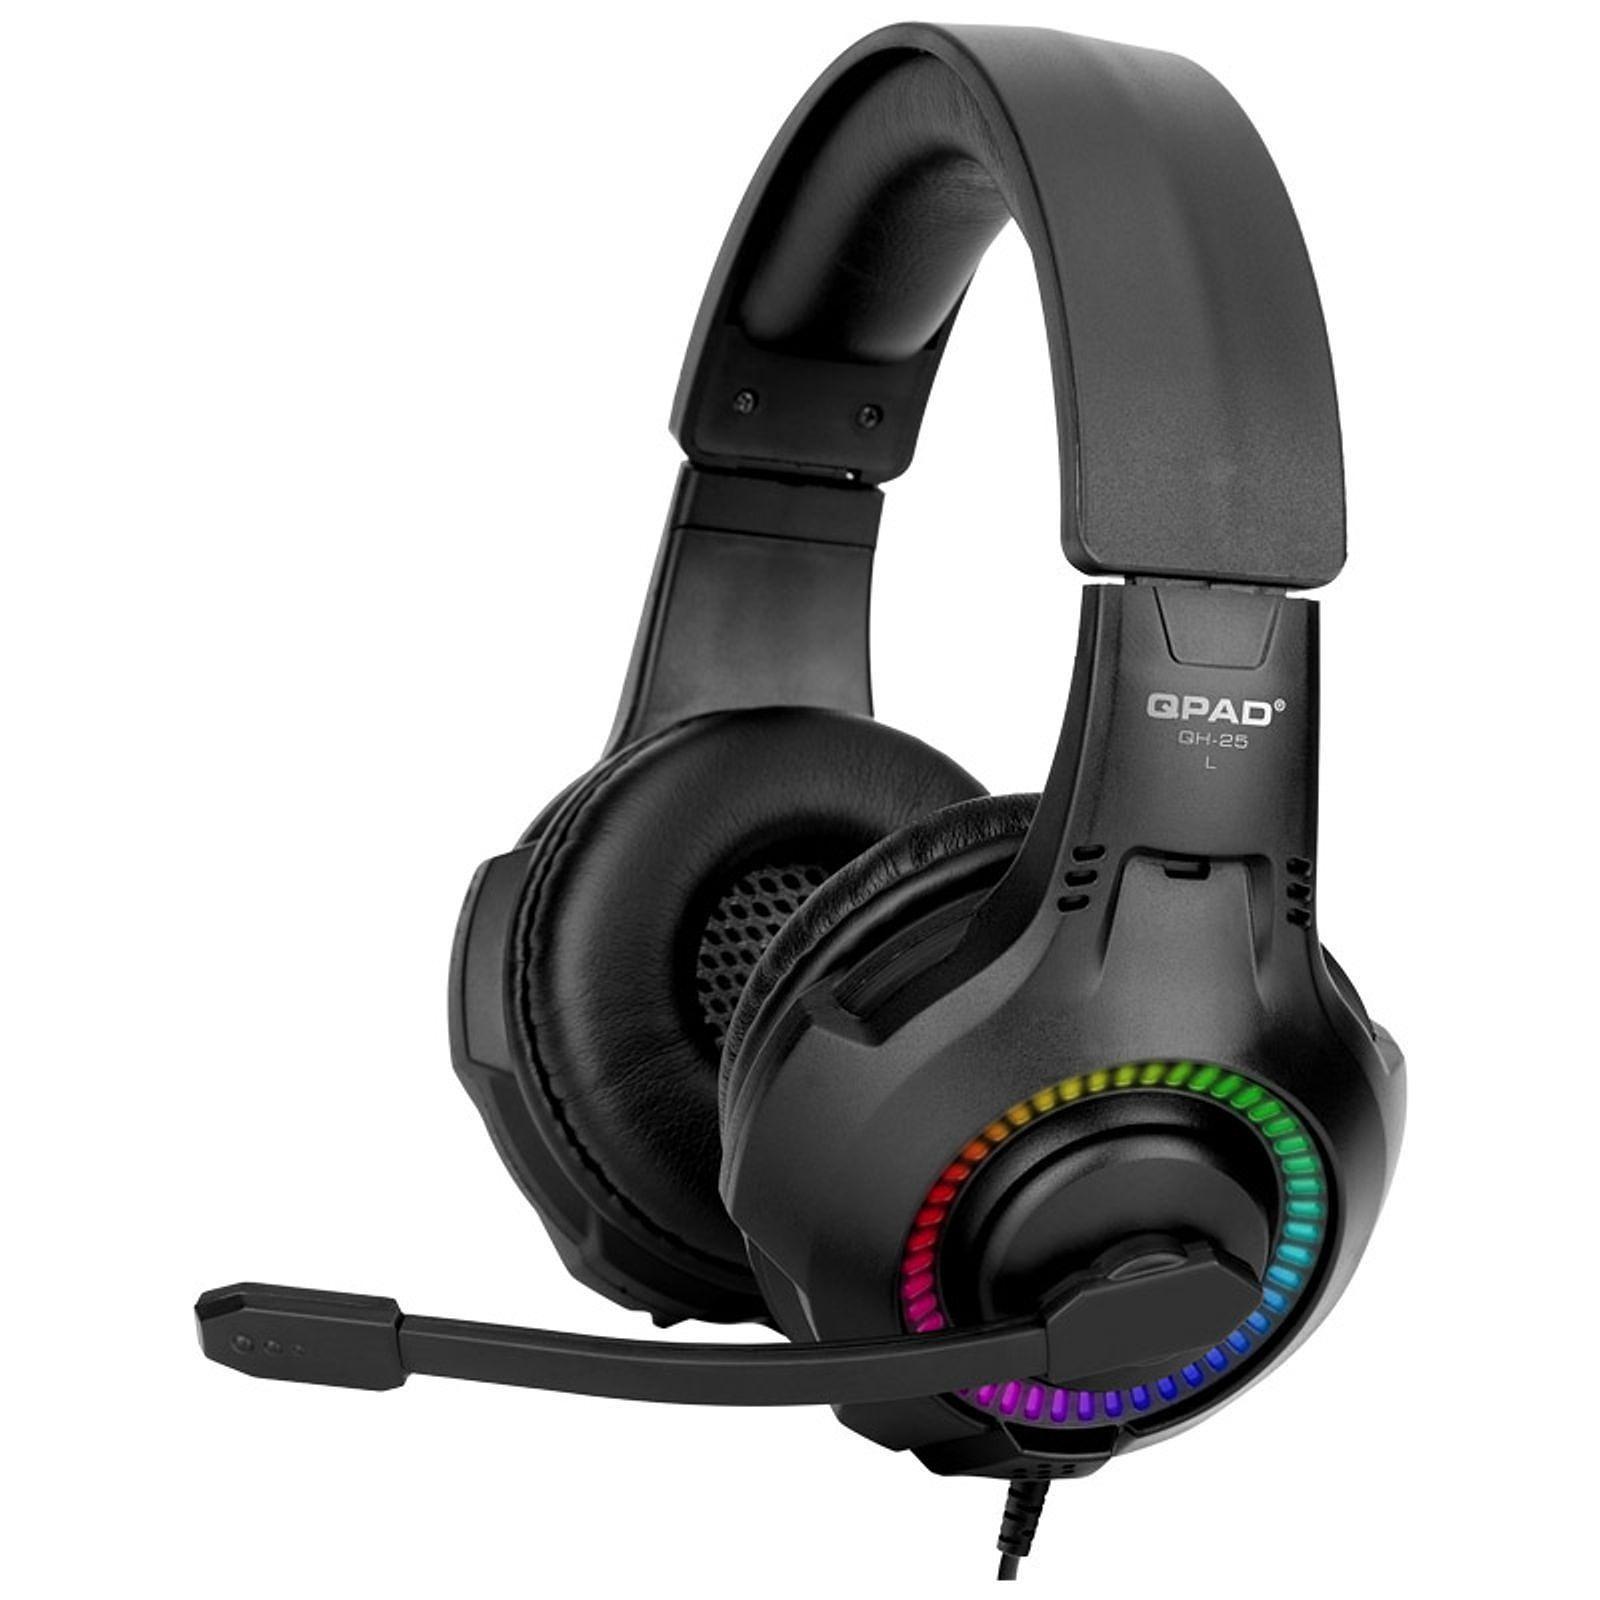 QPAD QH-25 True 7.1 Noir - Micro-casque - Cybertek.fr - 0